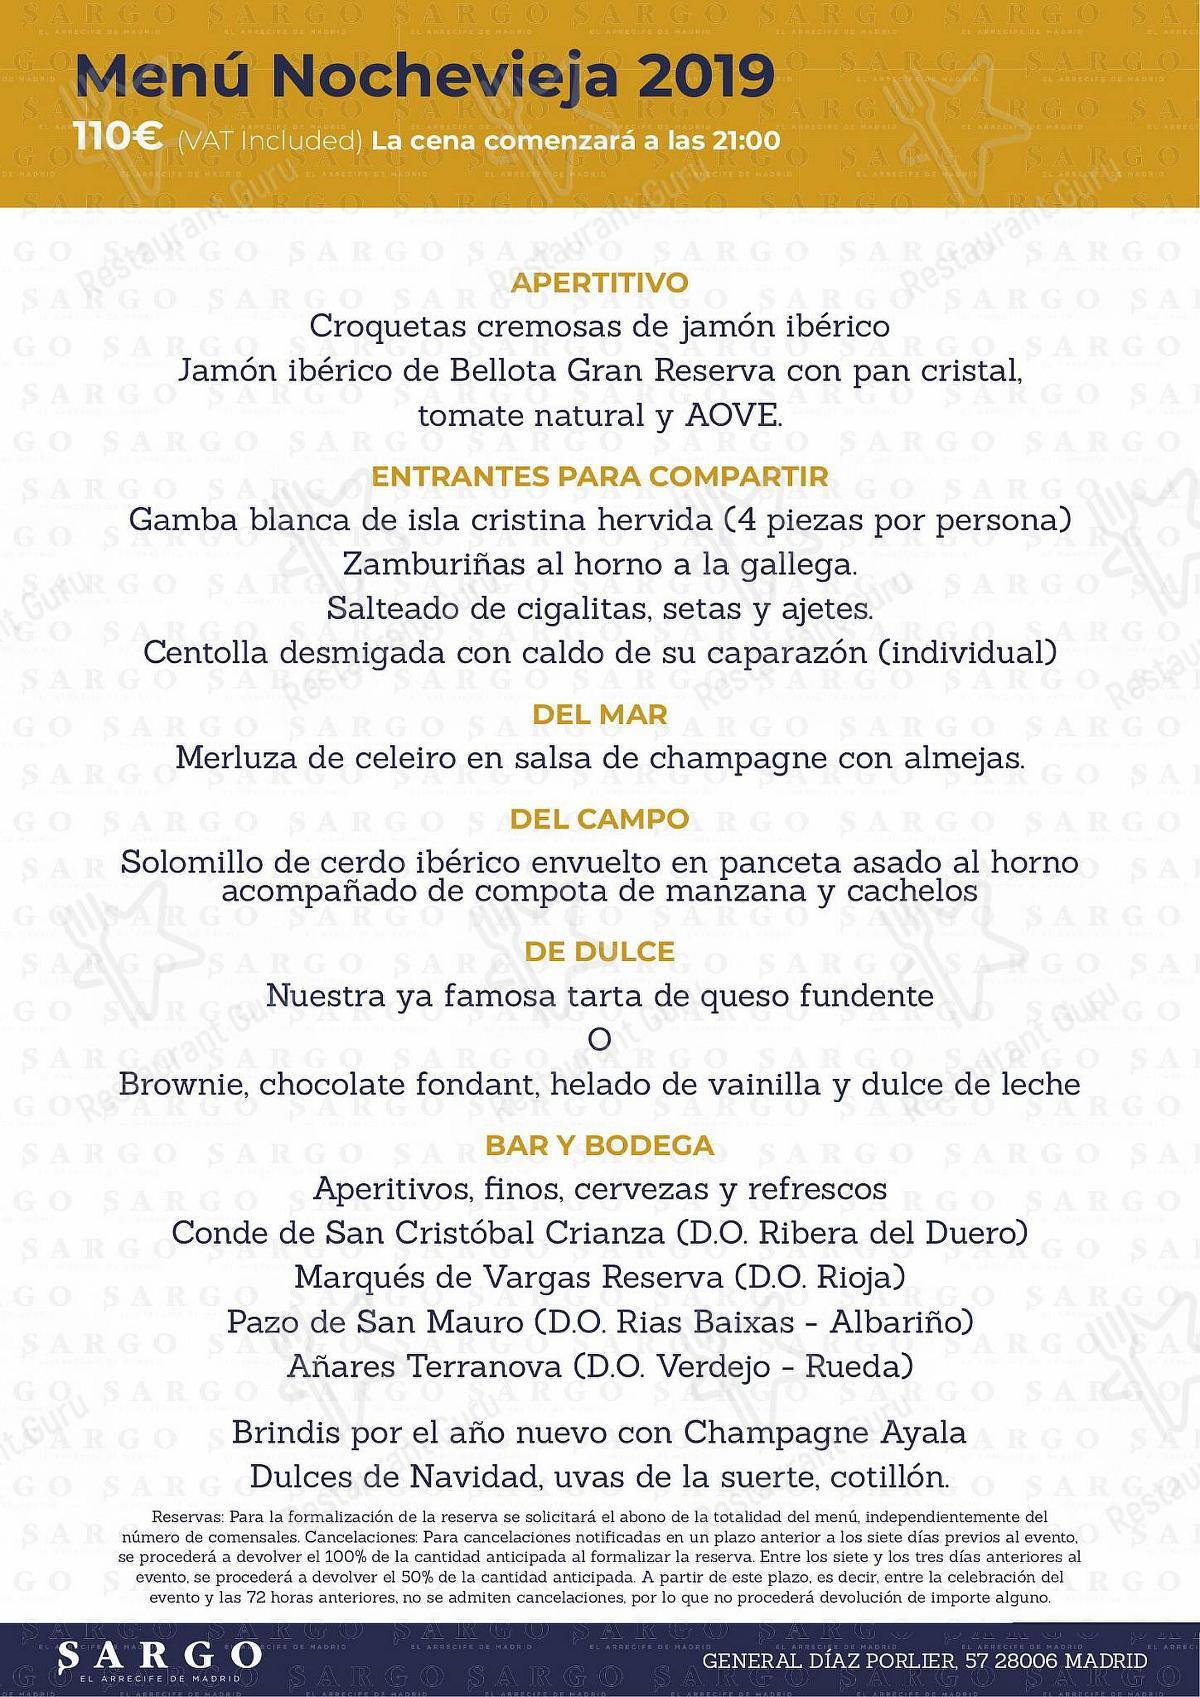 Carta de Sargo Madrid - comidas y bebidas